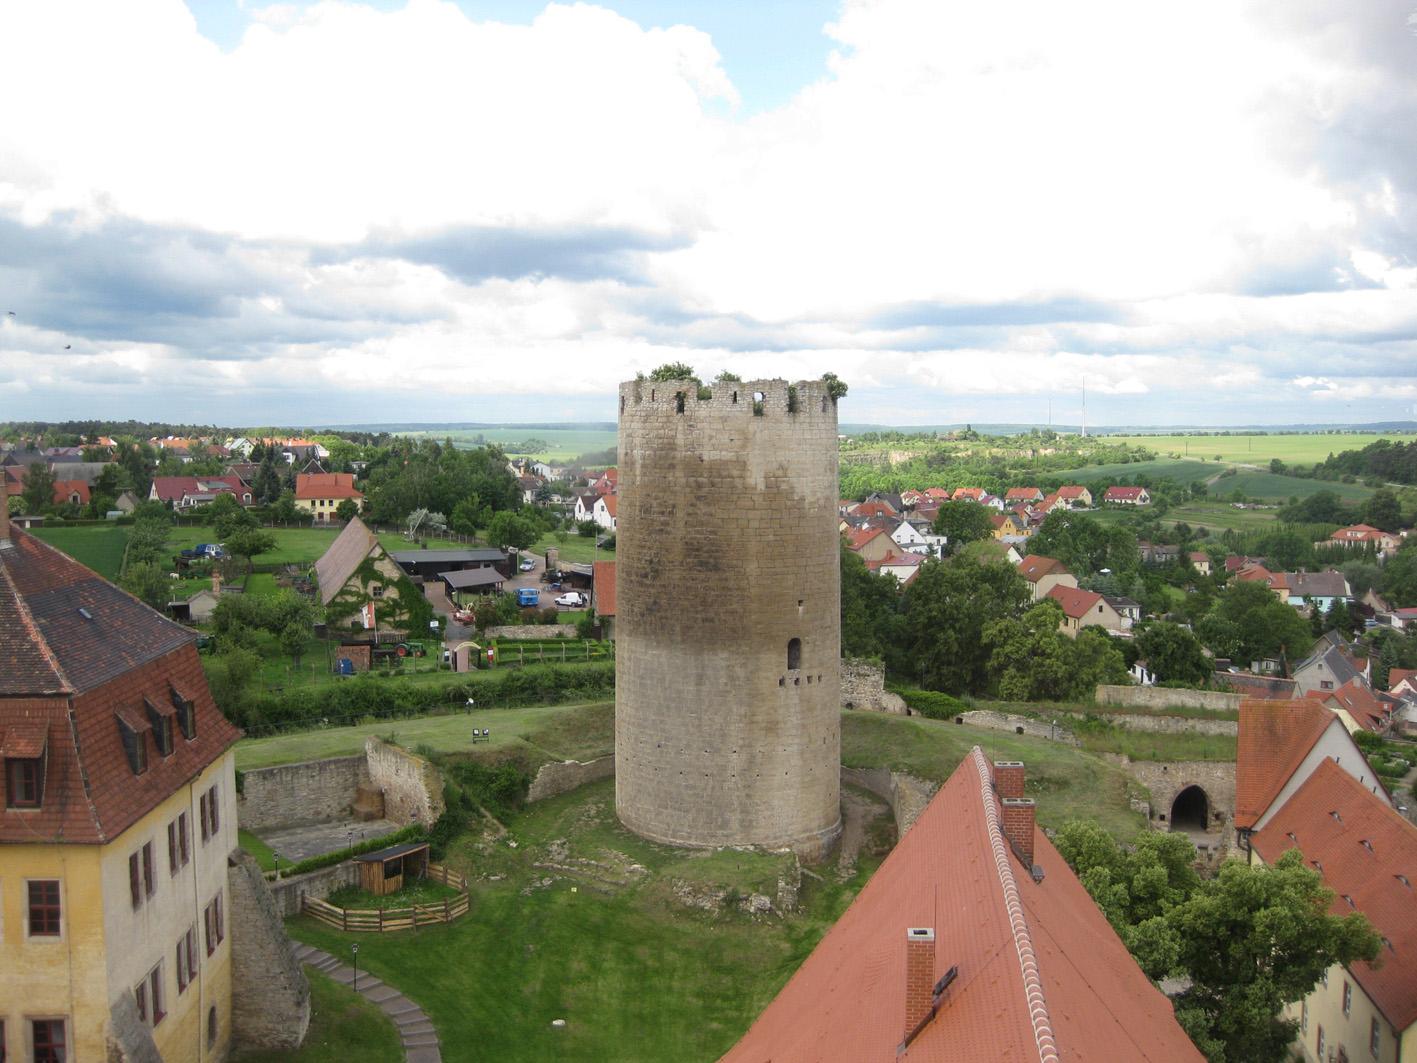 Auf Burg Querfurt wird gegraben: Blick auf den Dicken Heinrich / Foto: Burgerbe.de